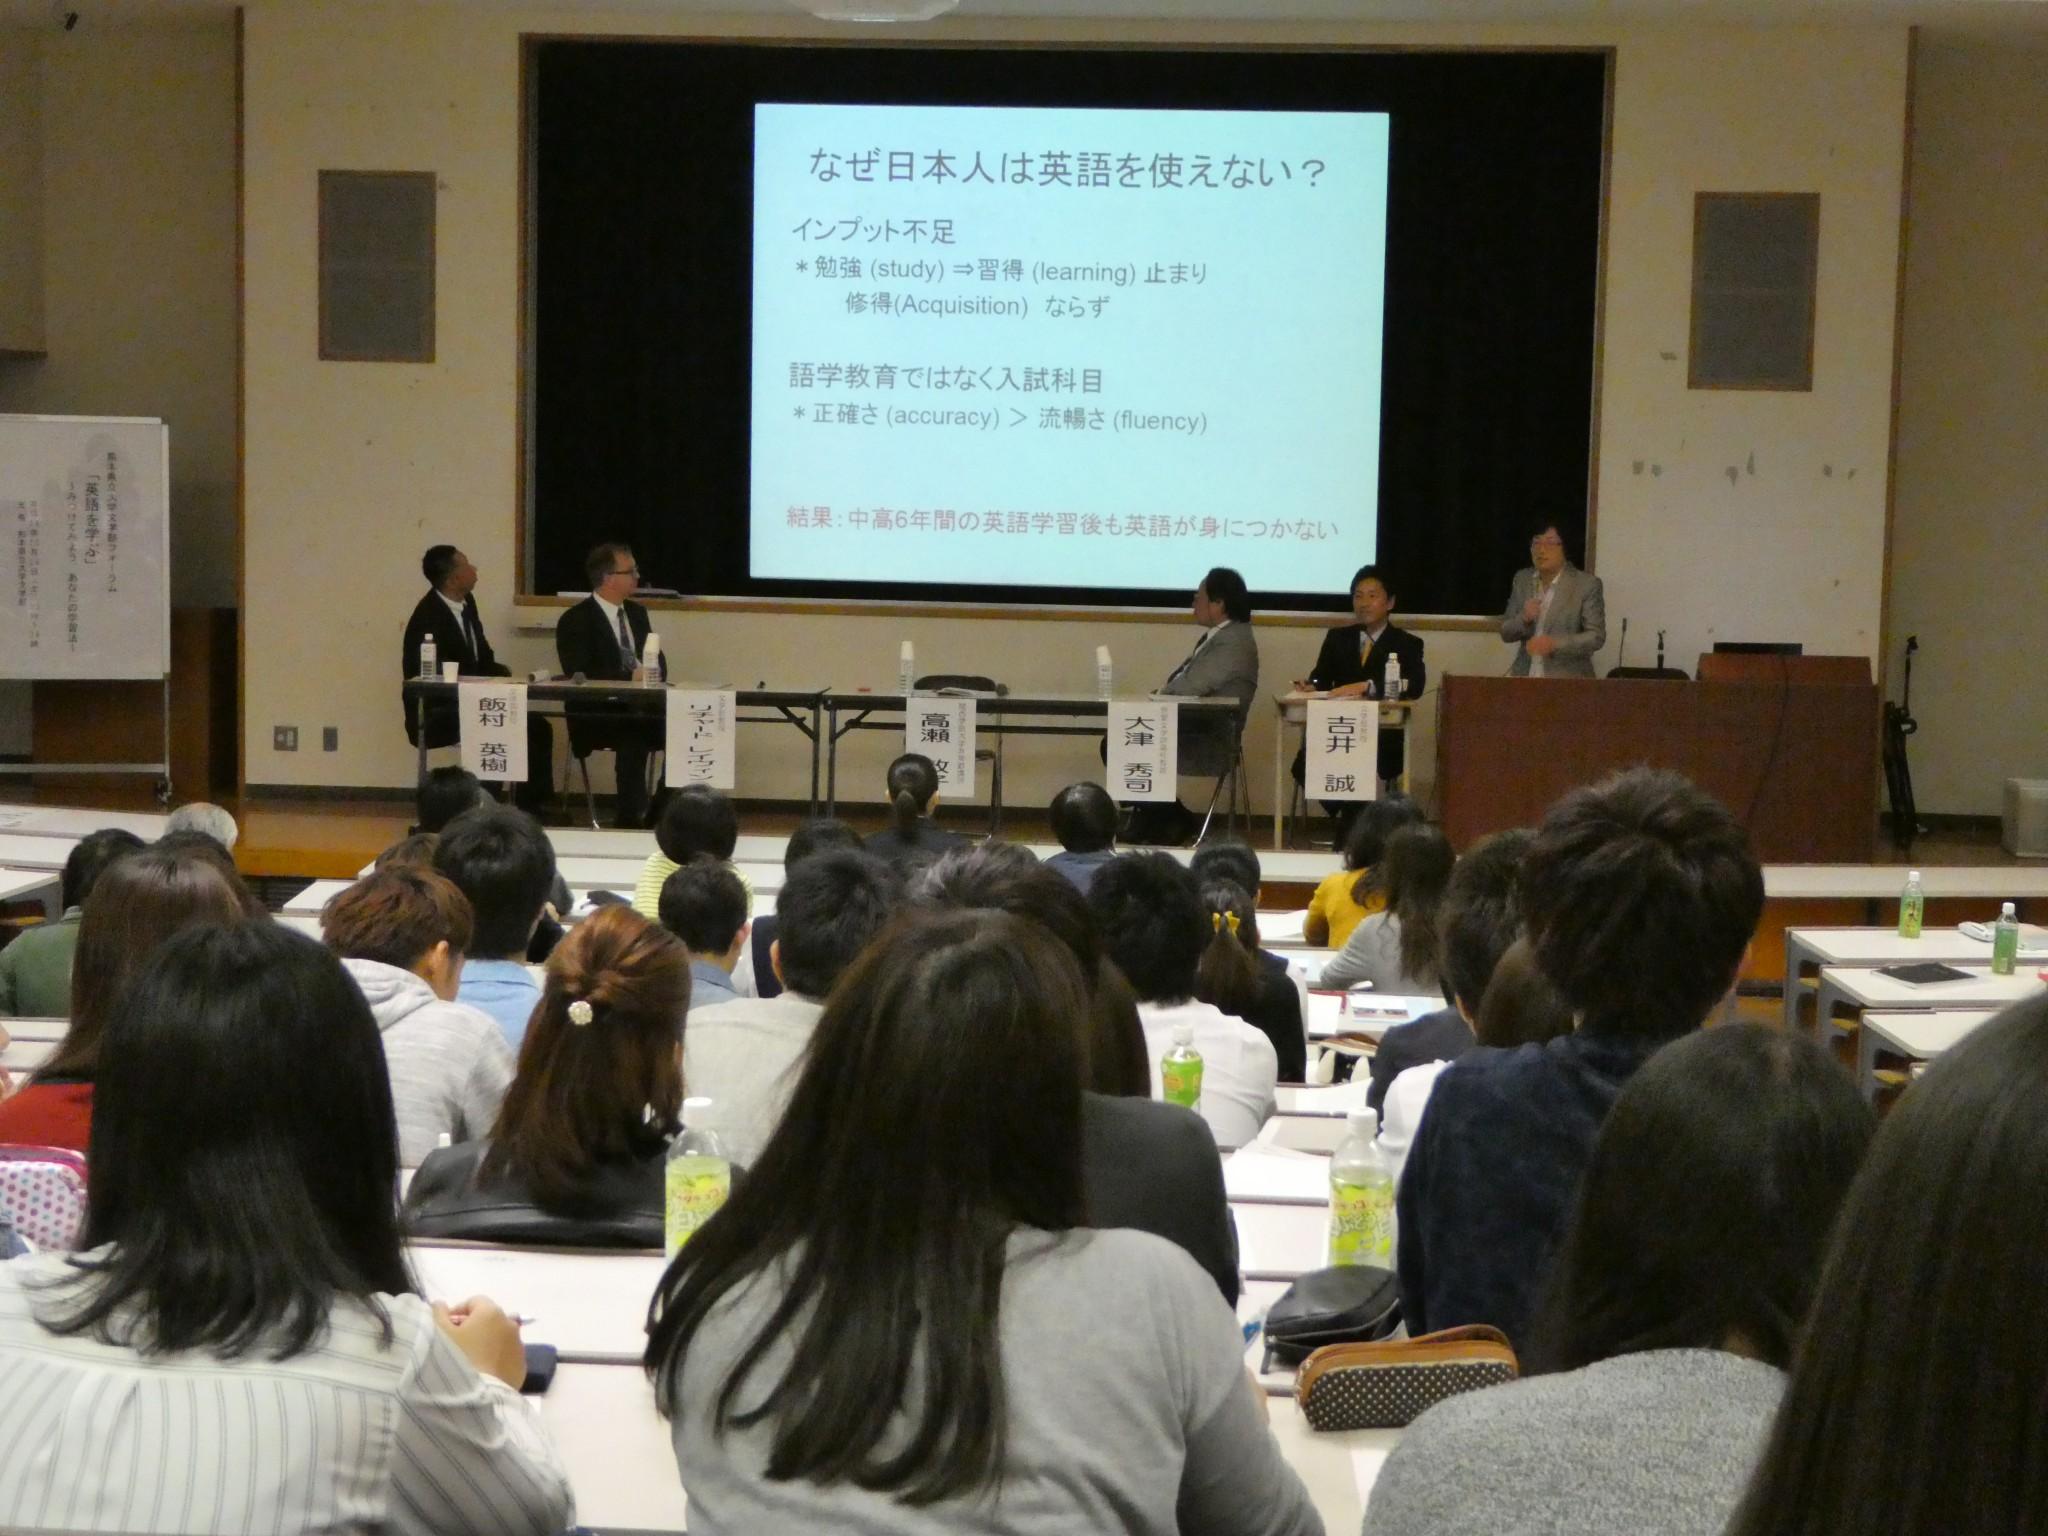 フォーラム「英語を学ぶ~みつけてみよう、あなたの学習法~」を開催しました